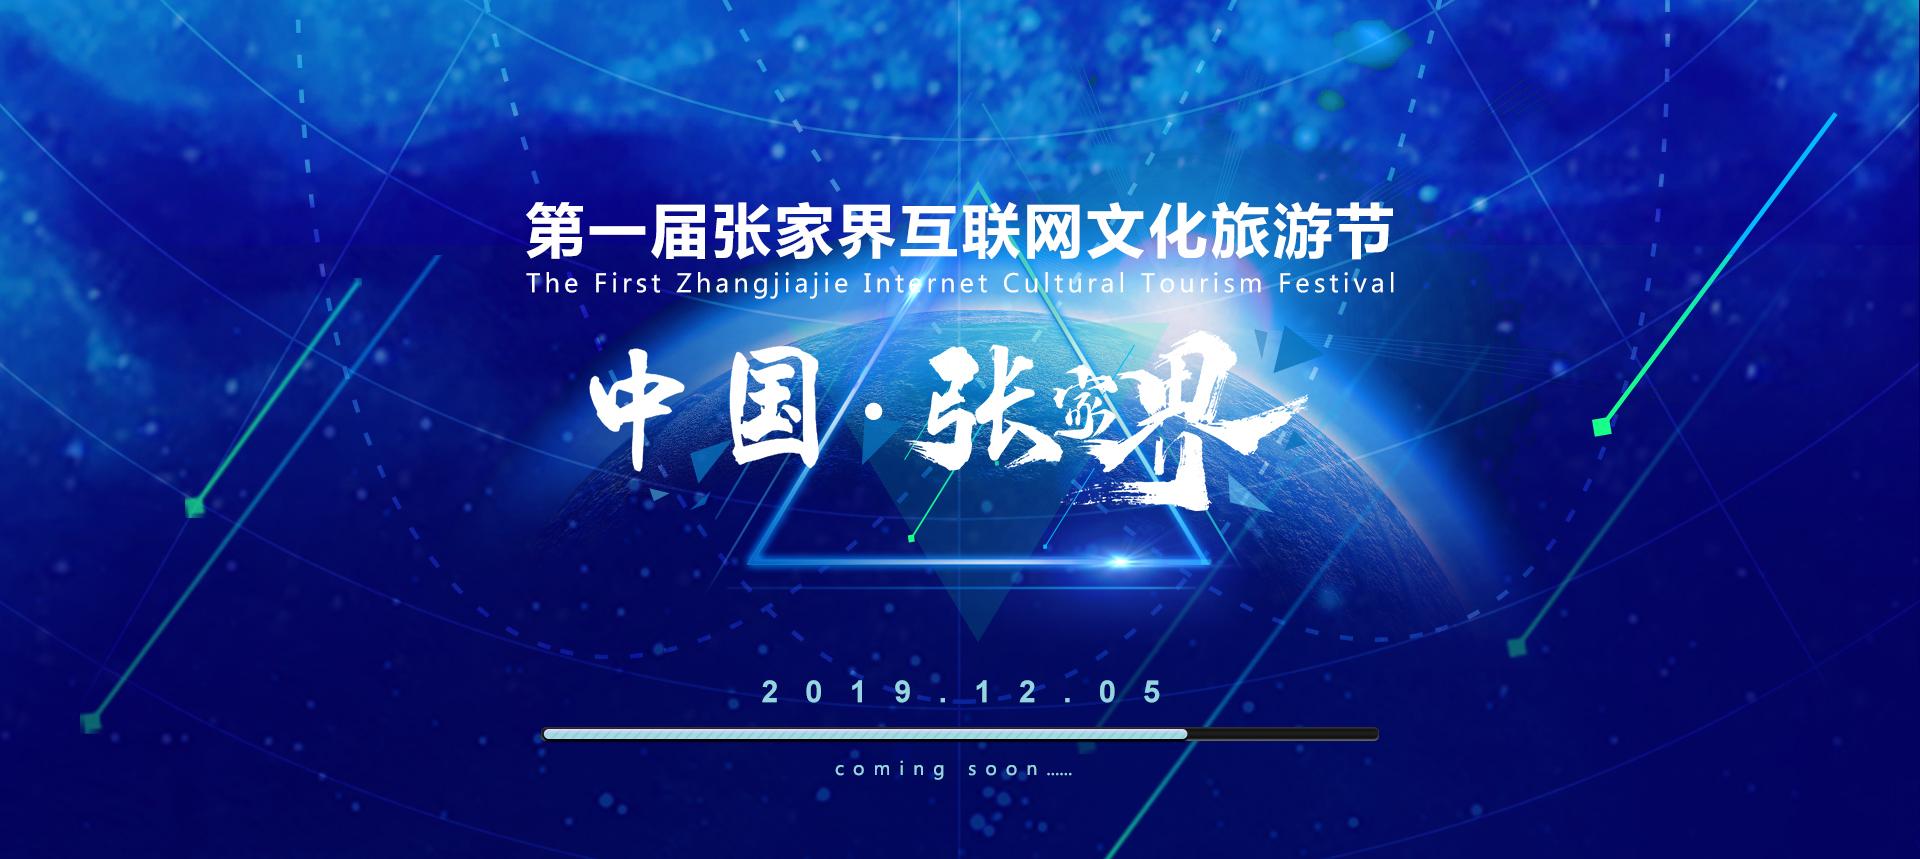 2019张家界互联网文化旅游节